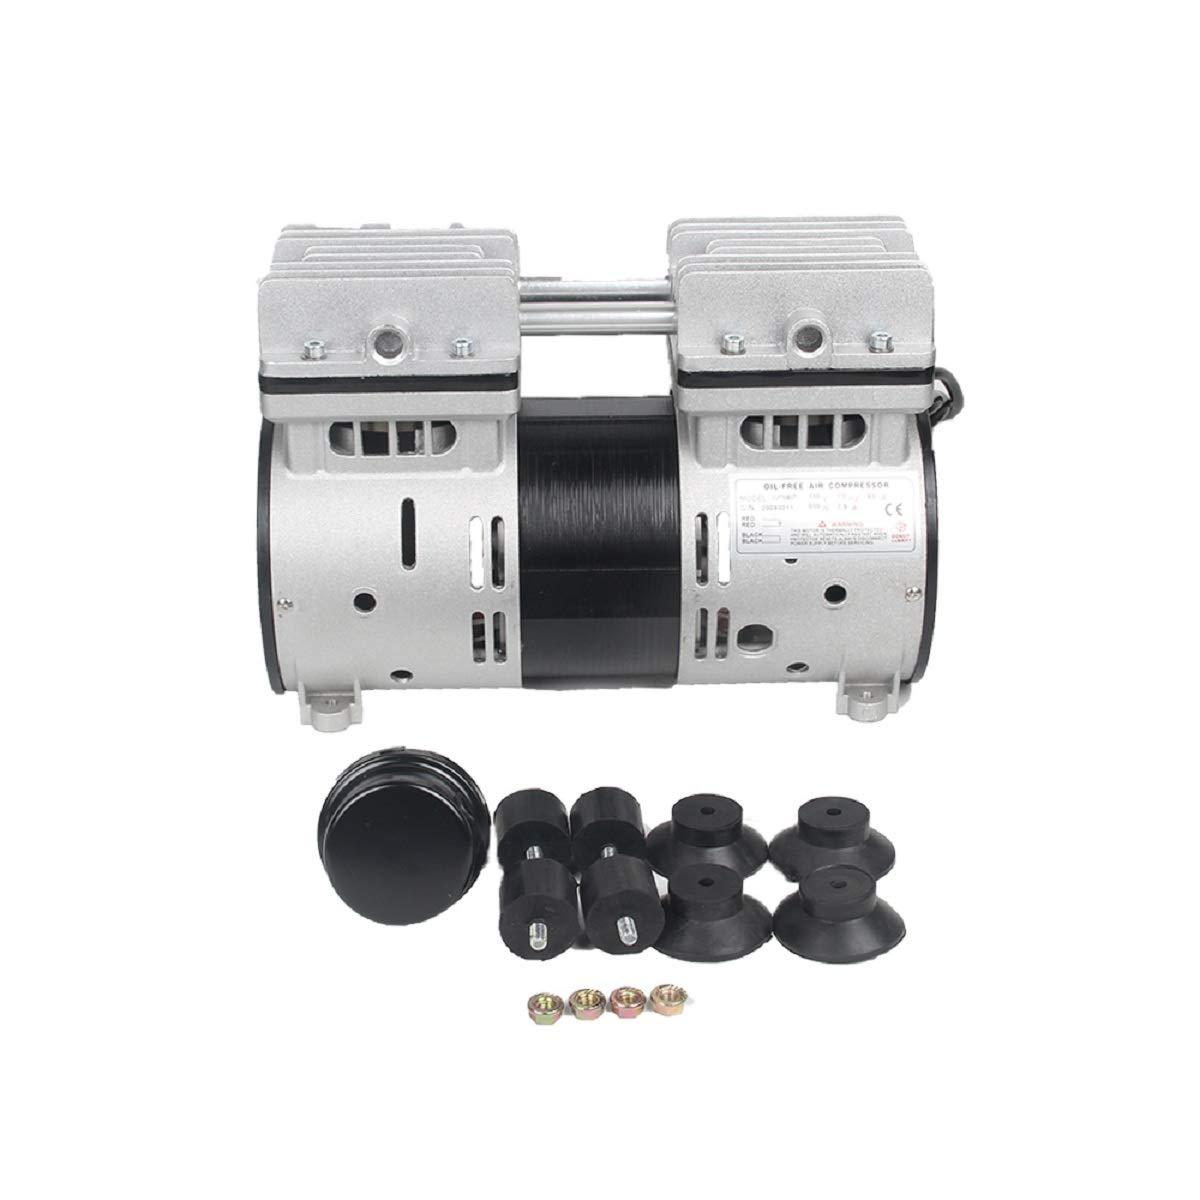 6CFM 110V Vacuum Pump 800W Oil Less Vacuum Pump Hausfeld Quiet High Vacuum Piston Compressor with US Plug